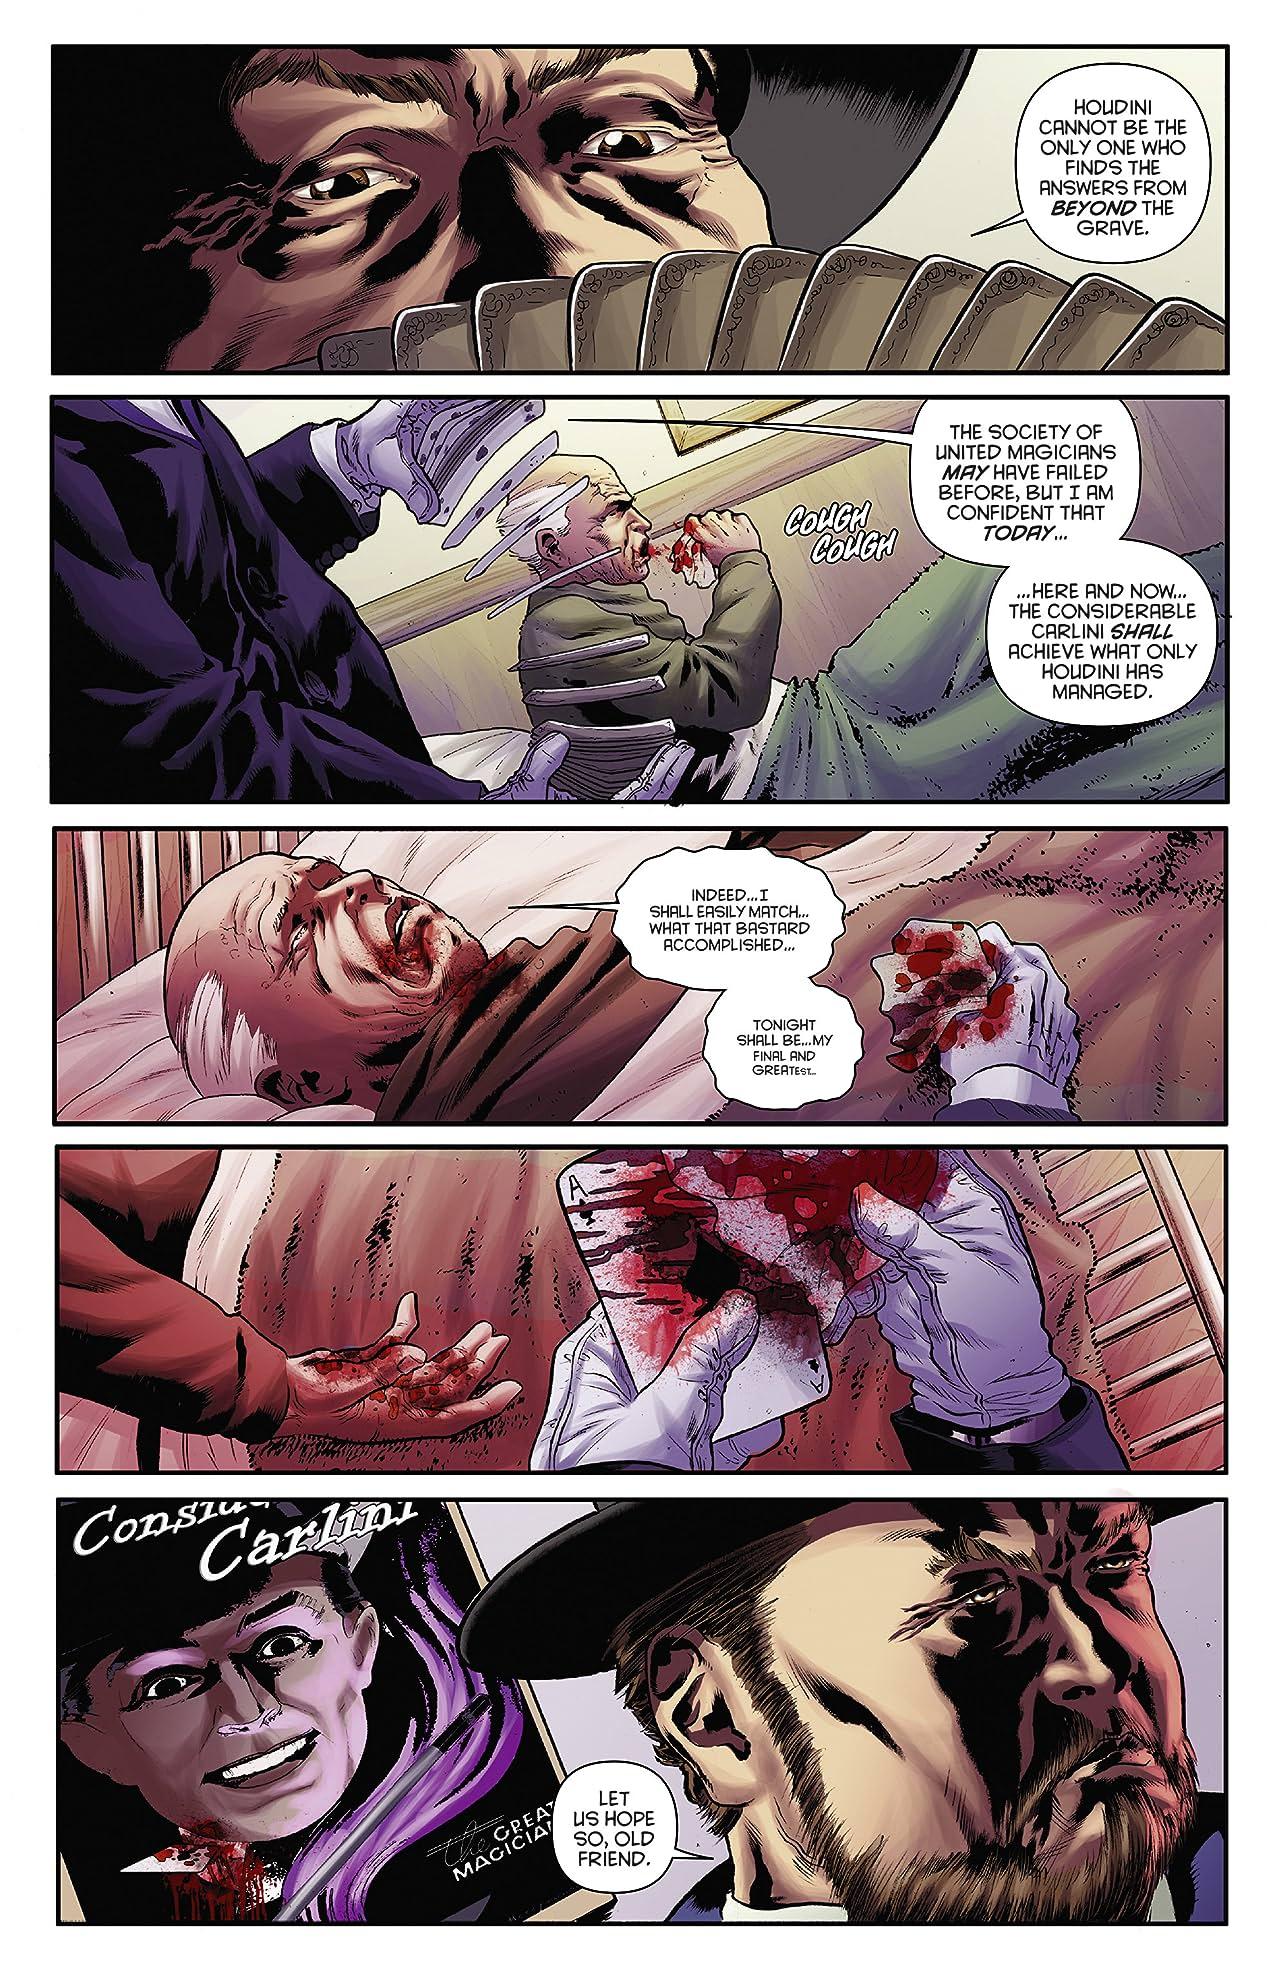 The Shadow Vol. 2 #1: Digital Exclusive Edition